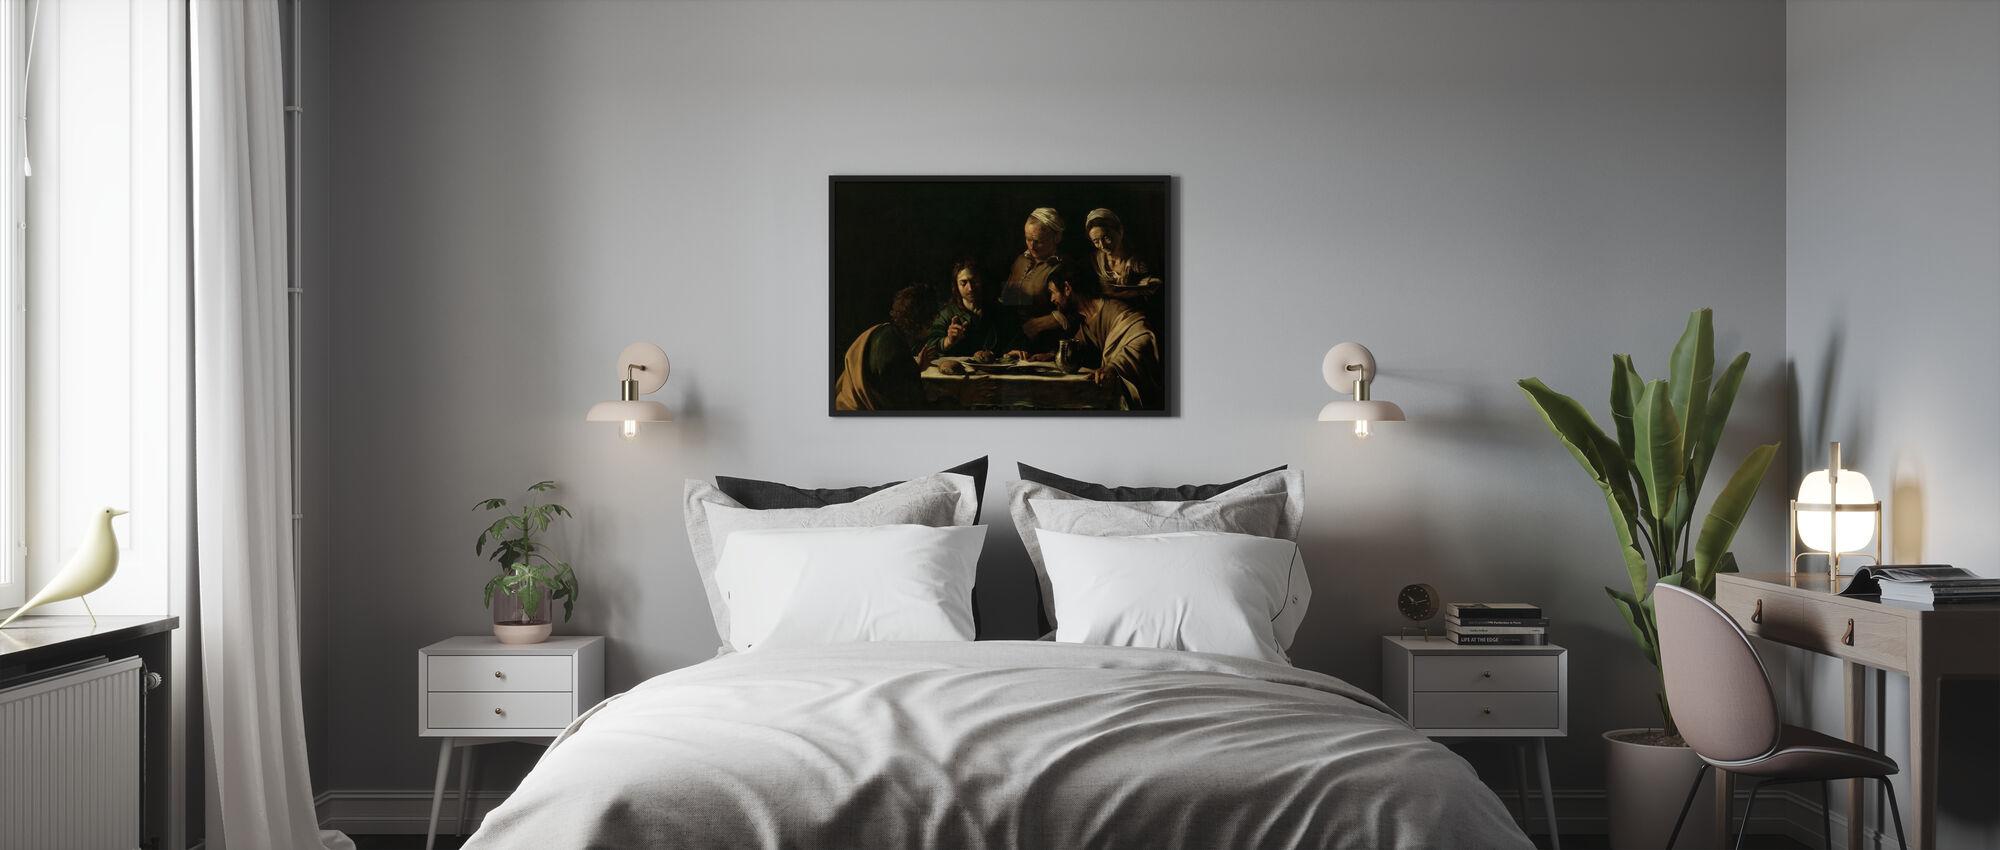 Cène à Emmaüs - Michel-Ange Caravaggio - Affiche - Chambre